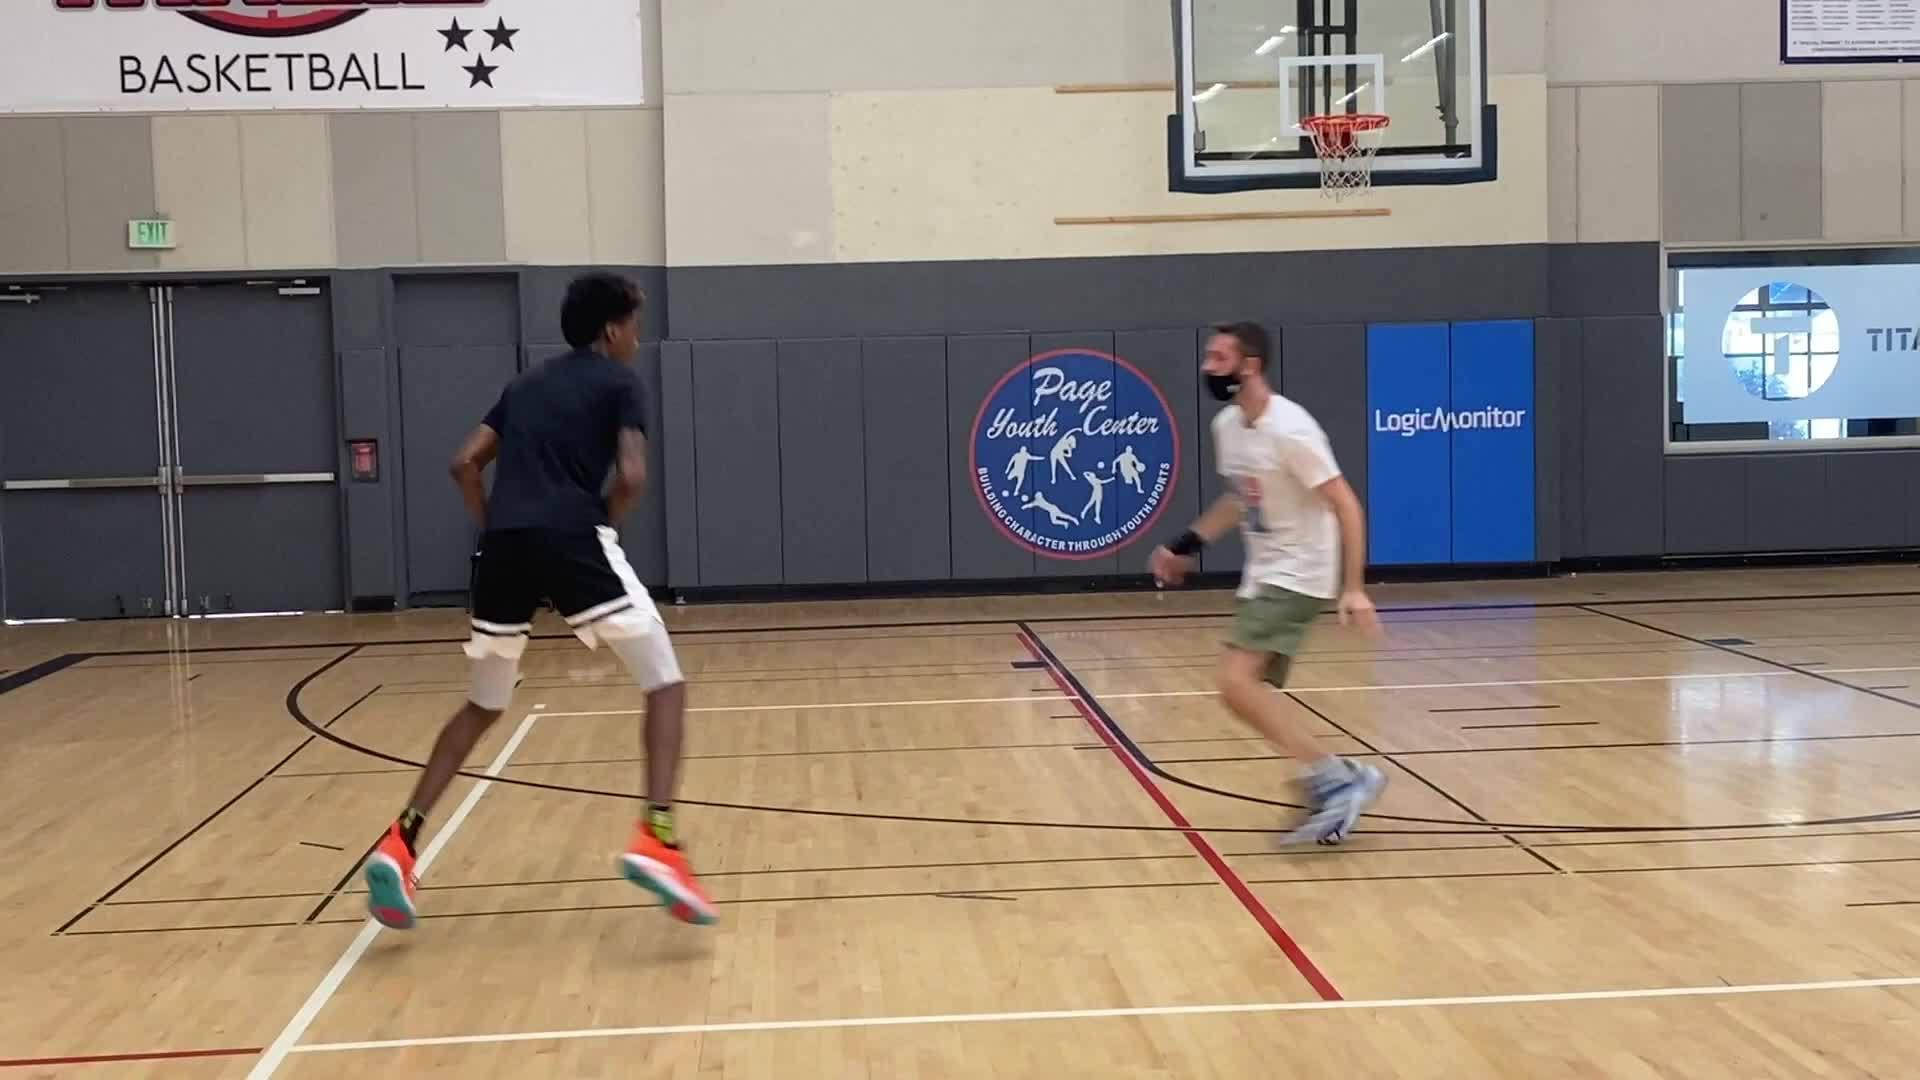 2020选秀前训练:杰登-麦克丹尼尔斯 (Jaden McDaniels)…………